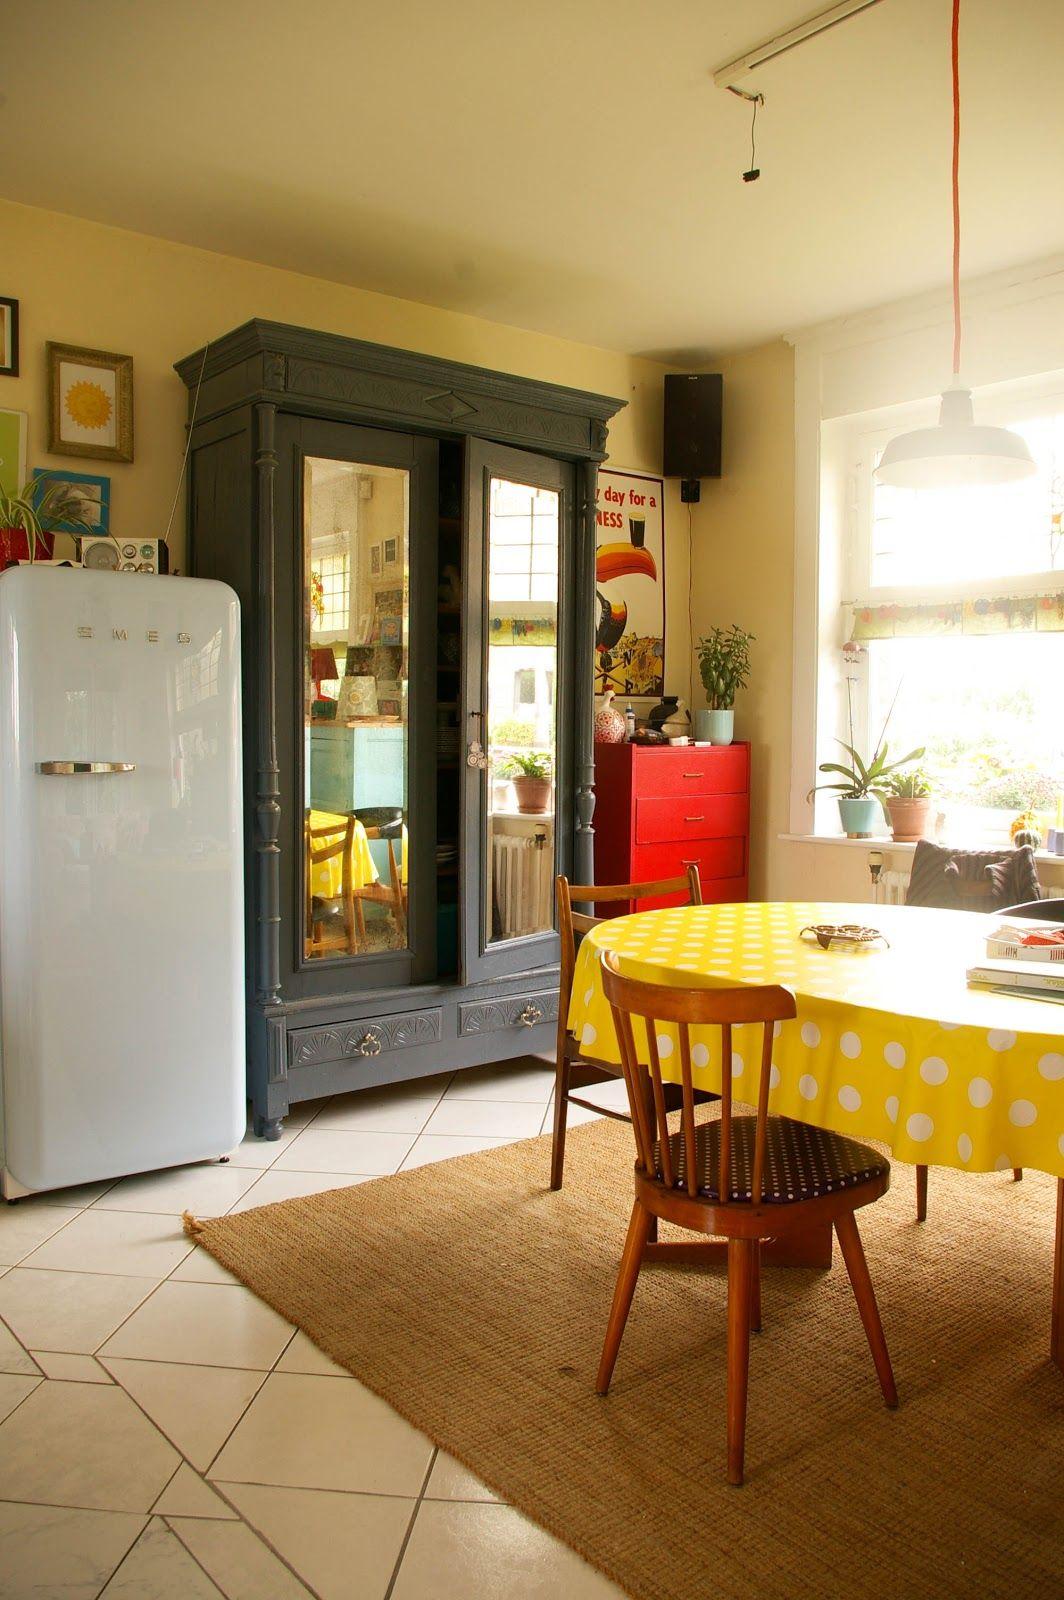 Id Meuble Lille tangerinette - armoire peinte en gris maison, smeg, table danish